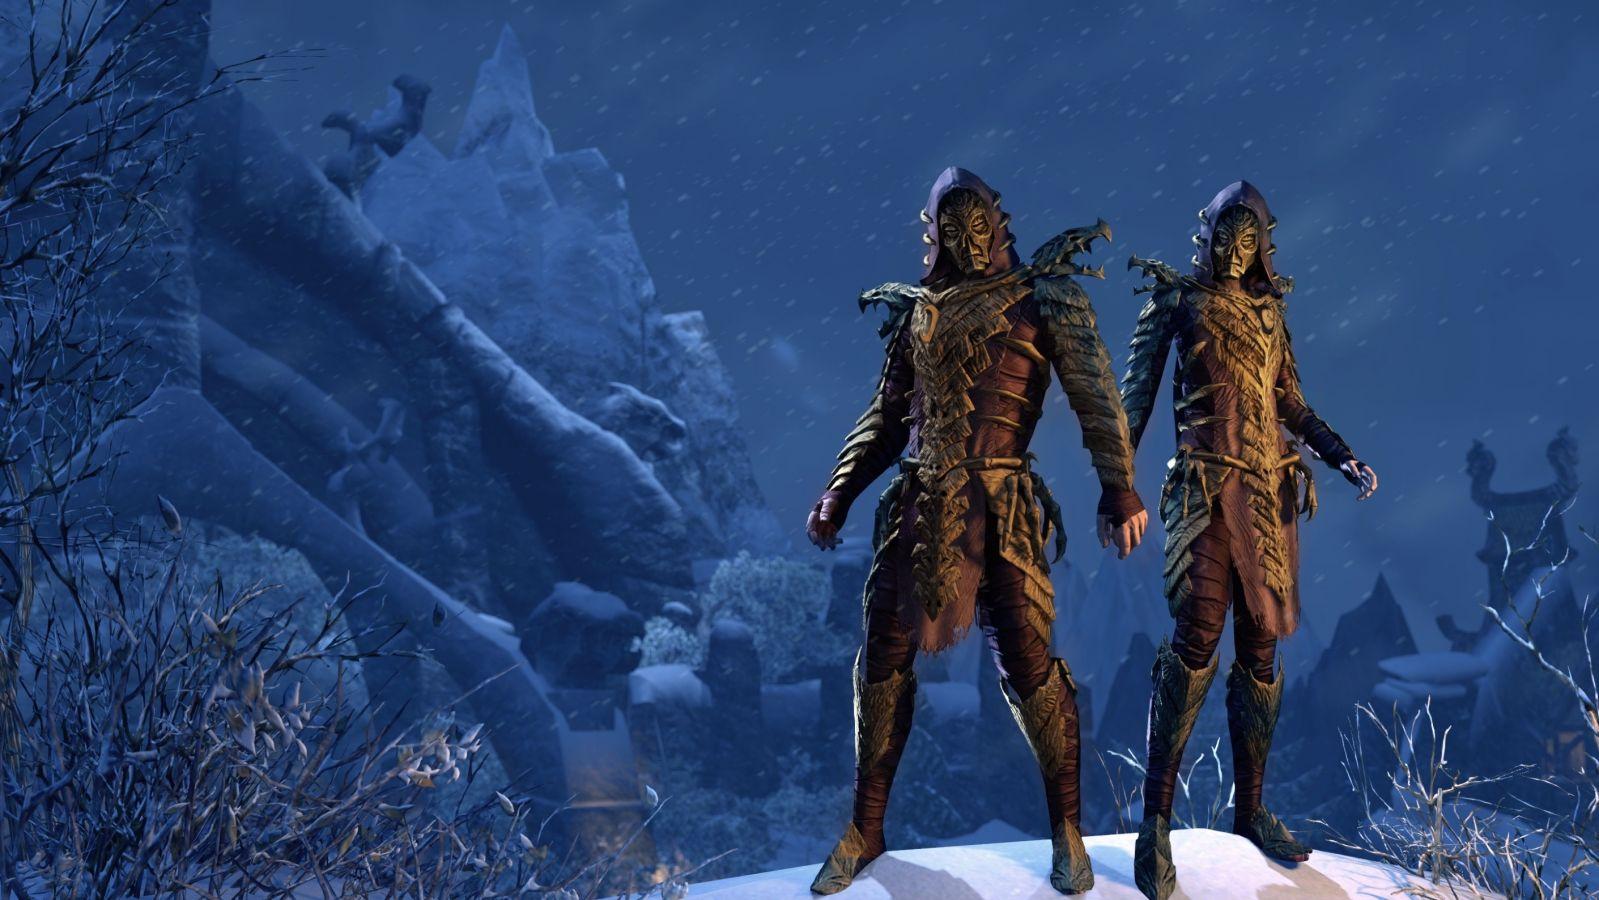 Die Drachenpriester sind nordische Magier, die die Drachen verehren. Tausende Jahre später, begegnen sie euch als Untote in der Nähe von Wortwänden, um diese schützen. (Quelle: The Elder Scrolls Online)